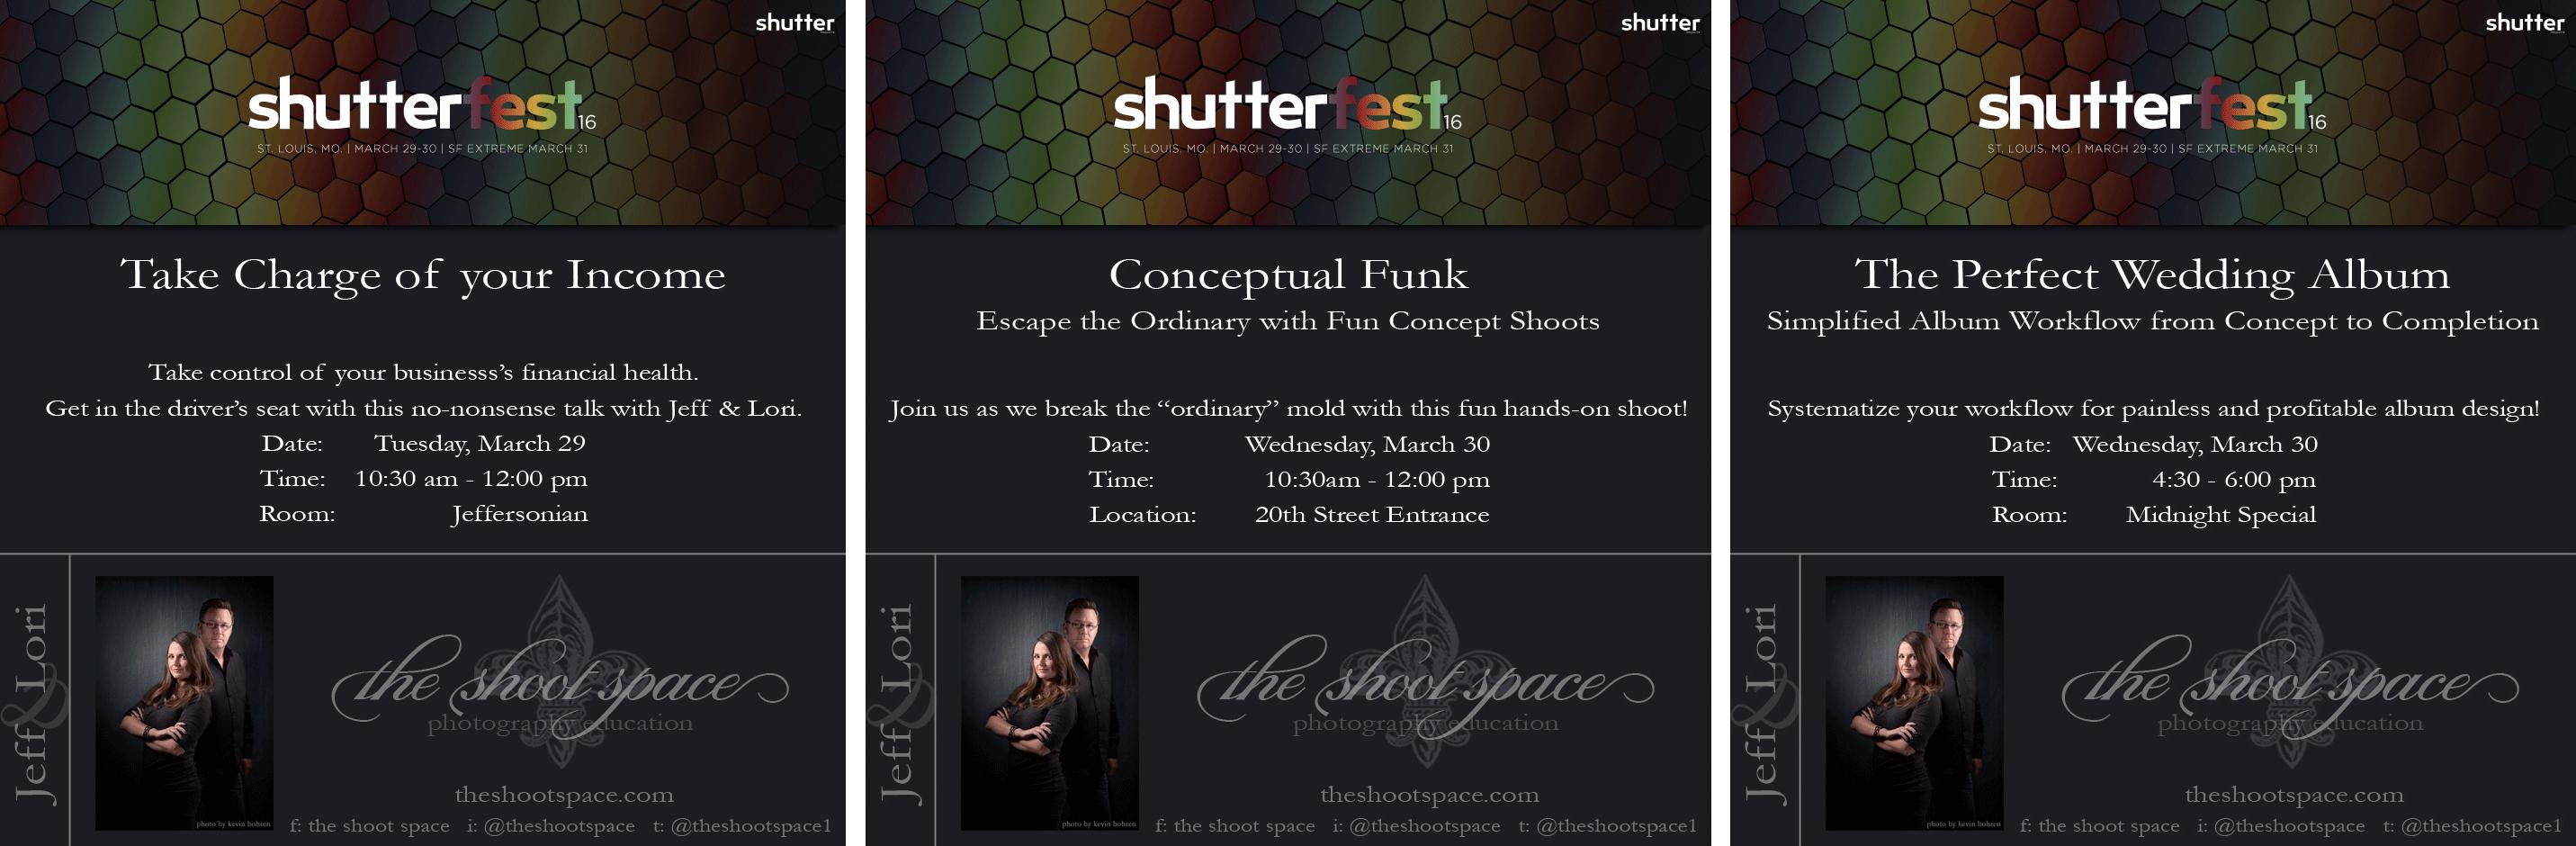 ShutterFest 2016